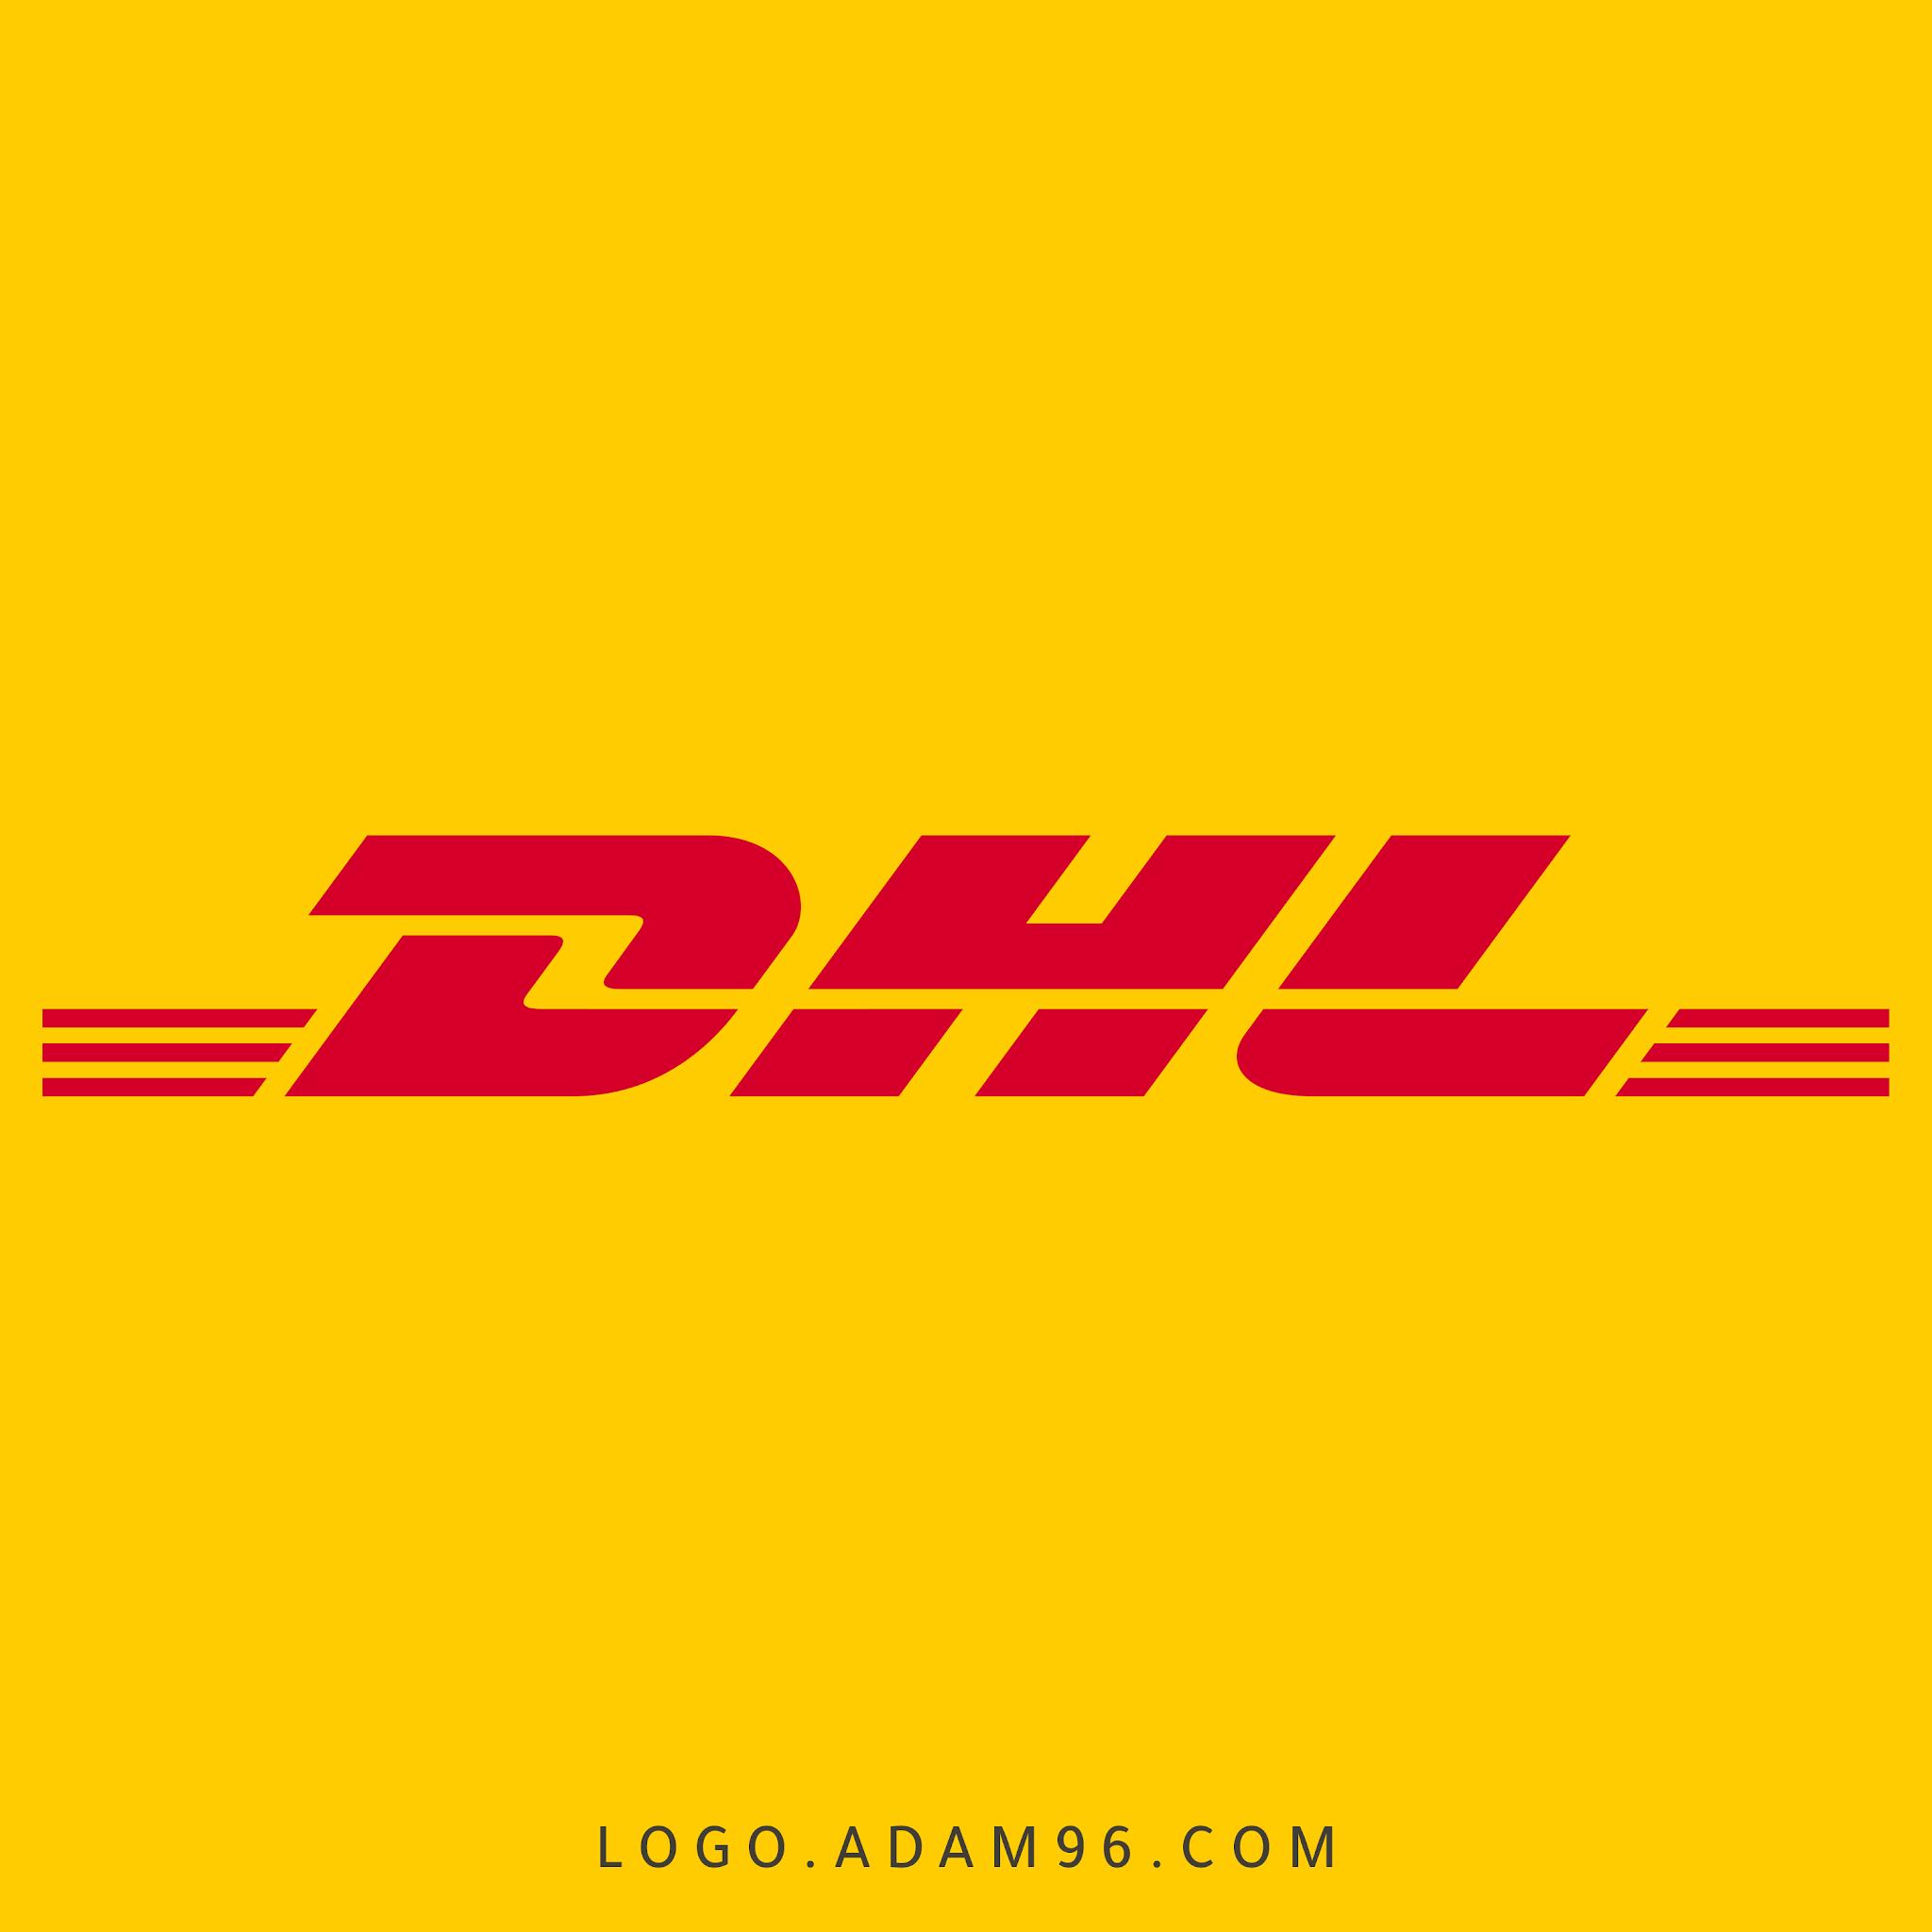 تحميل شعار دي إتش إل لوجو رسمي عالي الدقة LOGO DHL